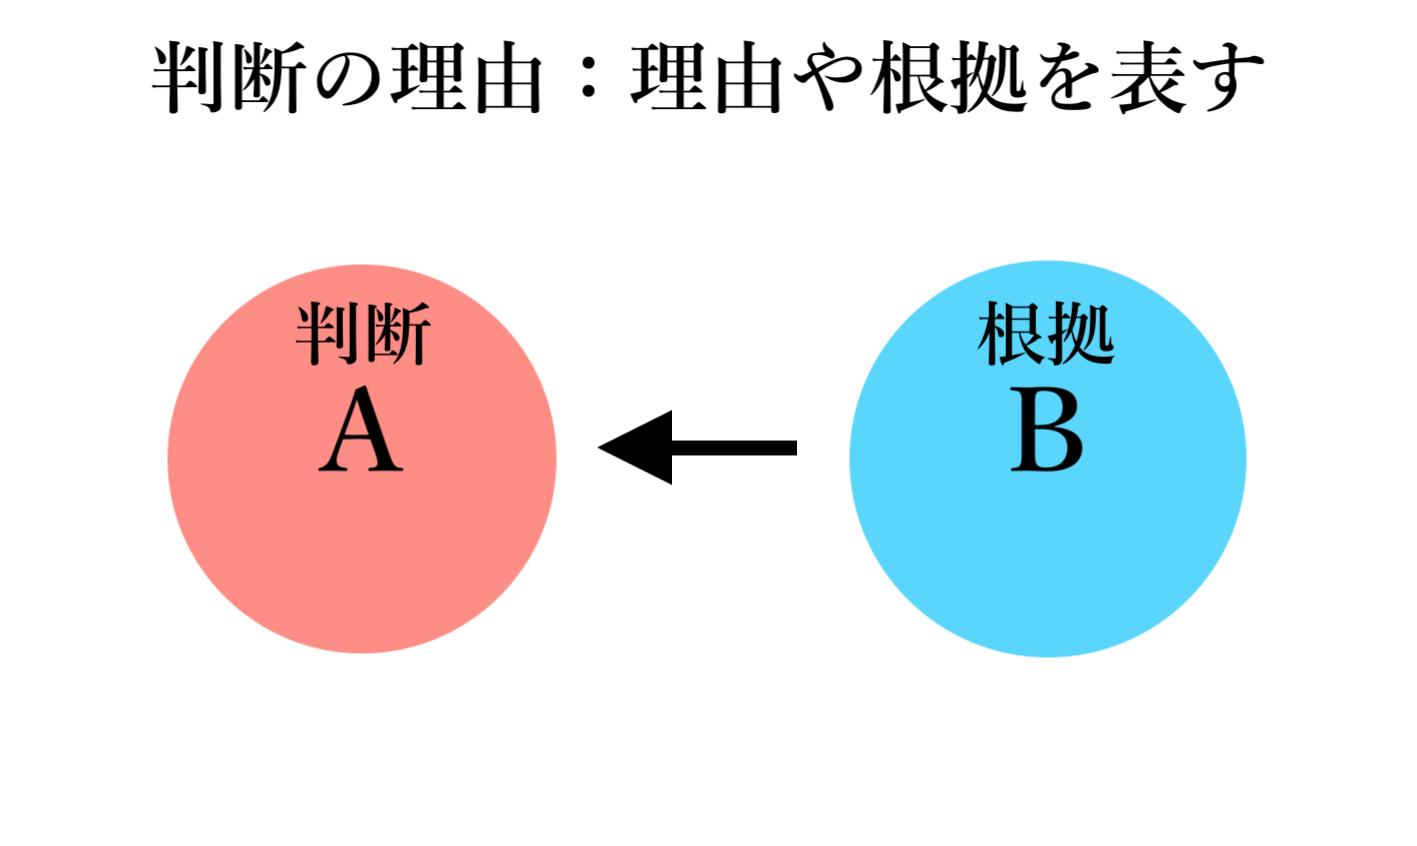 「判断の理由」概念図(自作)